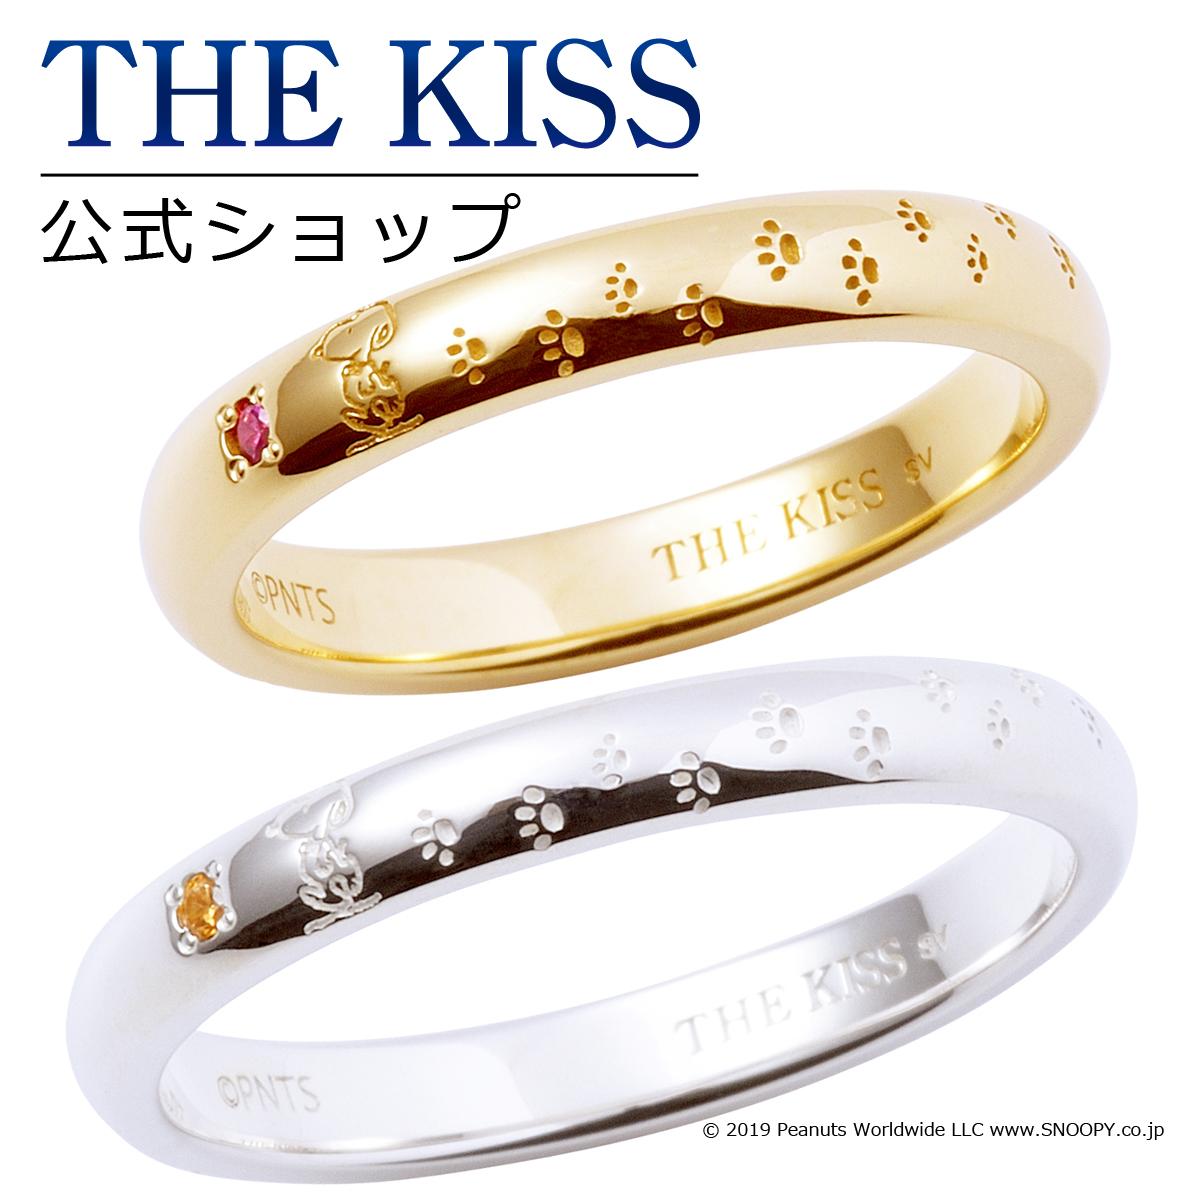 【あす楽対応】【PEANUTS×THE KISSコラボ】PEANUTS スヌーピー / THE KISS 公式サイト シルバー ペアリング ( レディース メンズ ) ペアアクセサリー カップル に 人気 の ジュエリーブランド THEKISS ペア リング・指輪 PN-SR510CB-511CB ザキス 【送料無料】